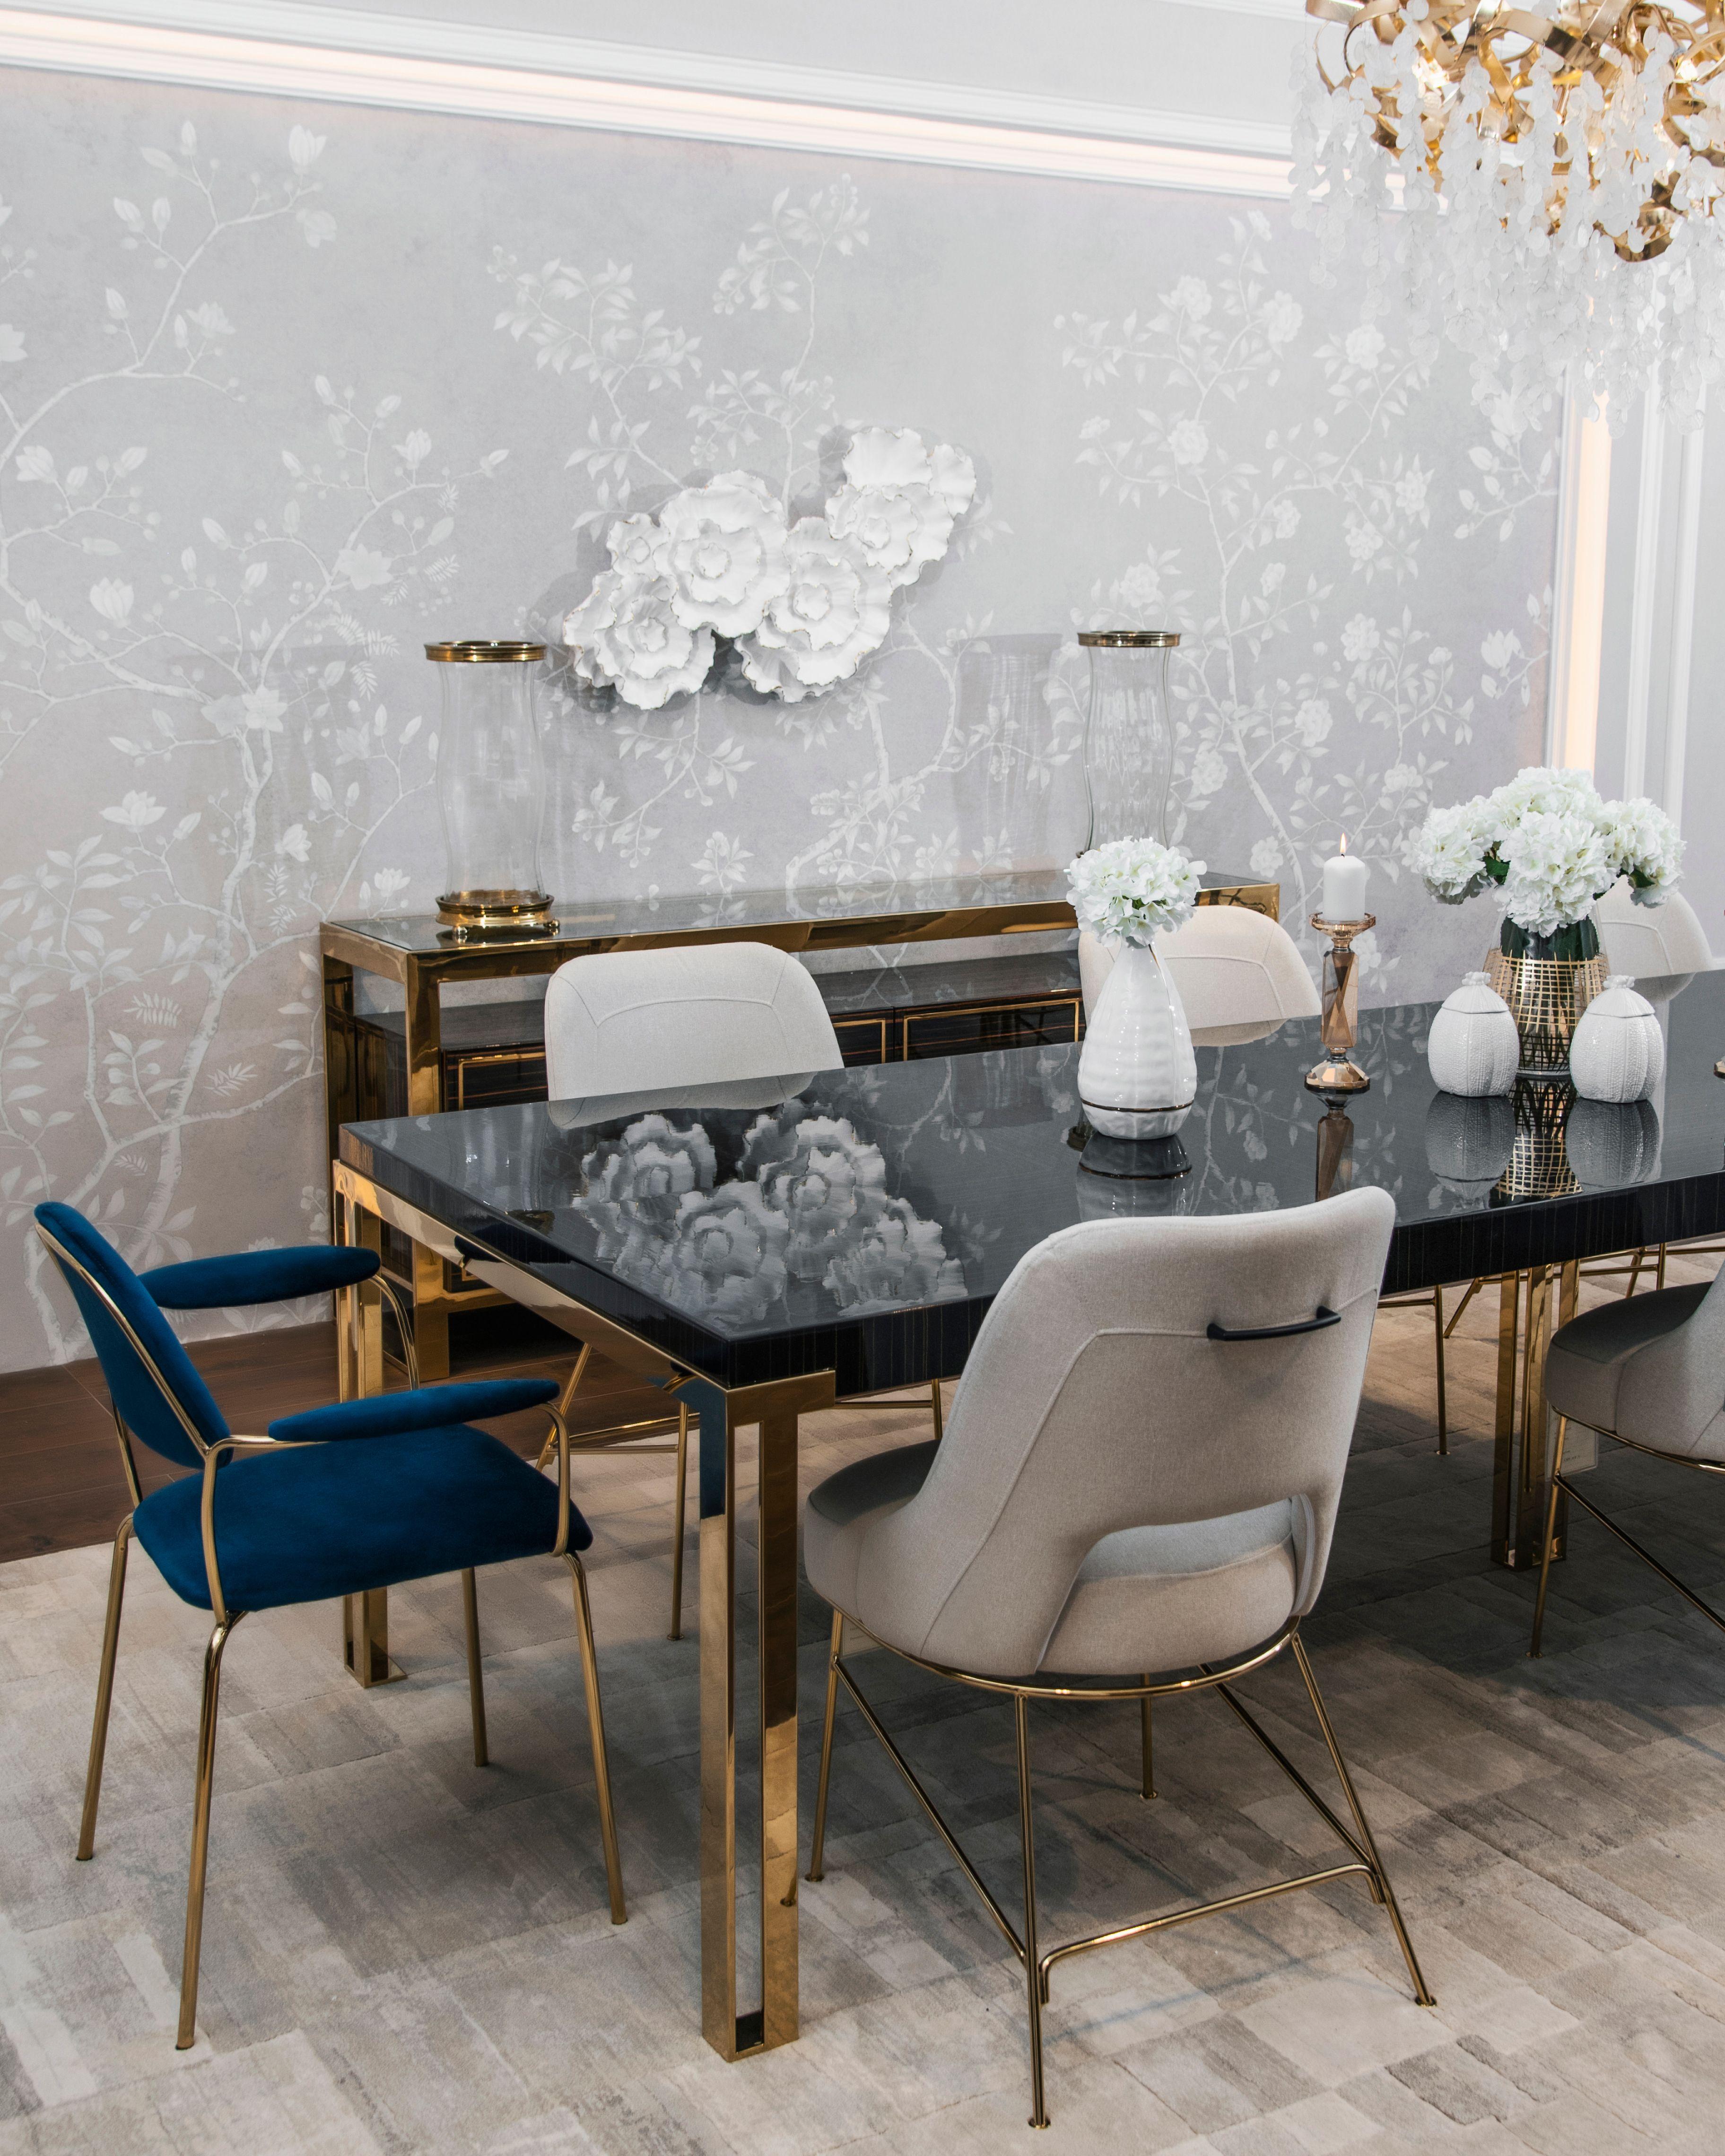 اجعل اللحظات العائلية أكثر تميز ا مع مجموعة طاولة الطعام لدينا Make Your Family Gatherings More Special With Our A Luxury Home Furniture Home Decor Furniture